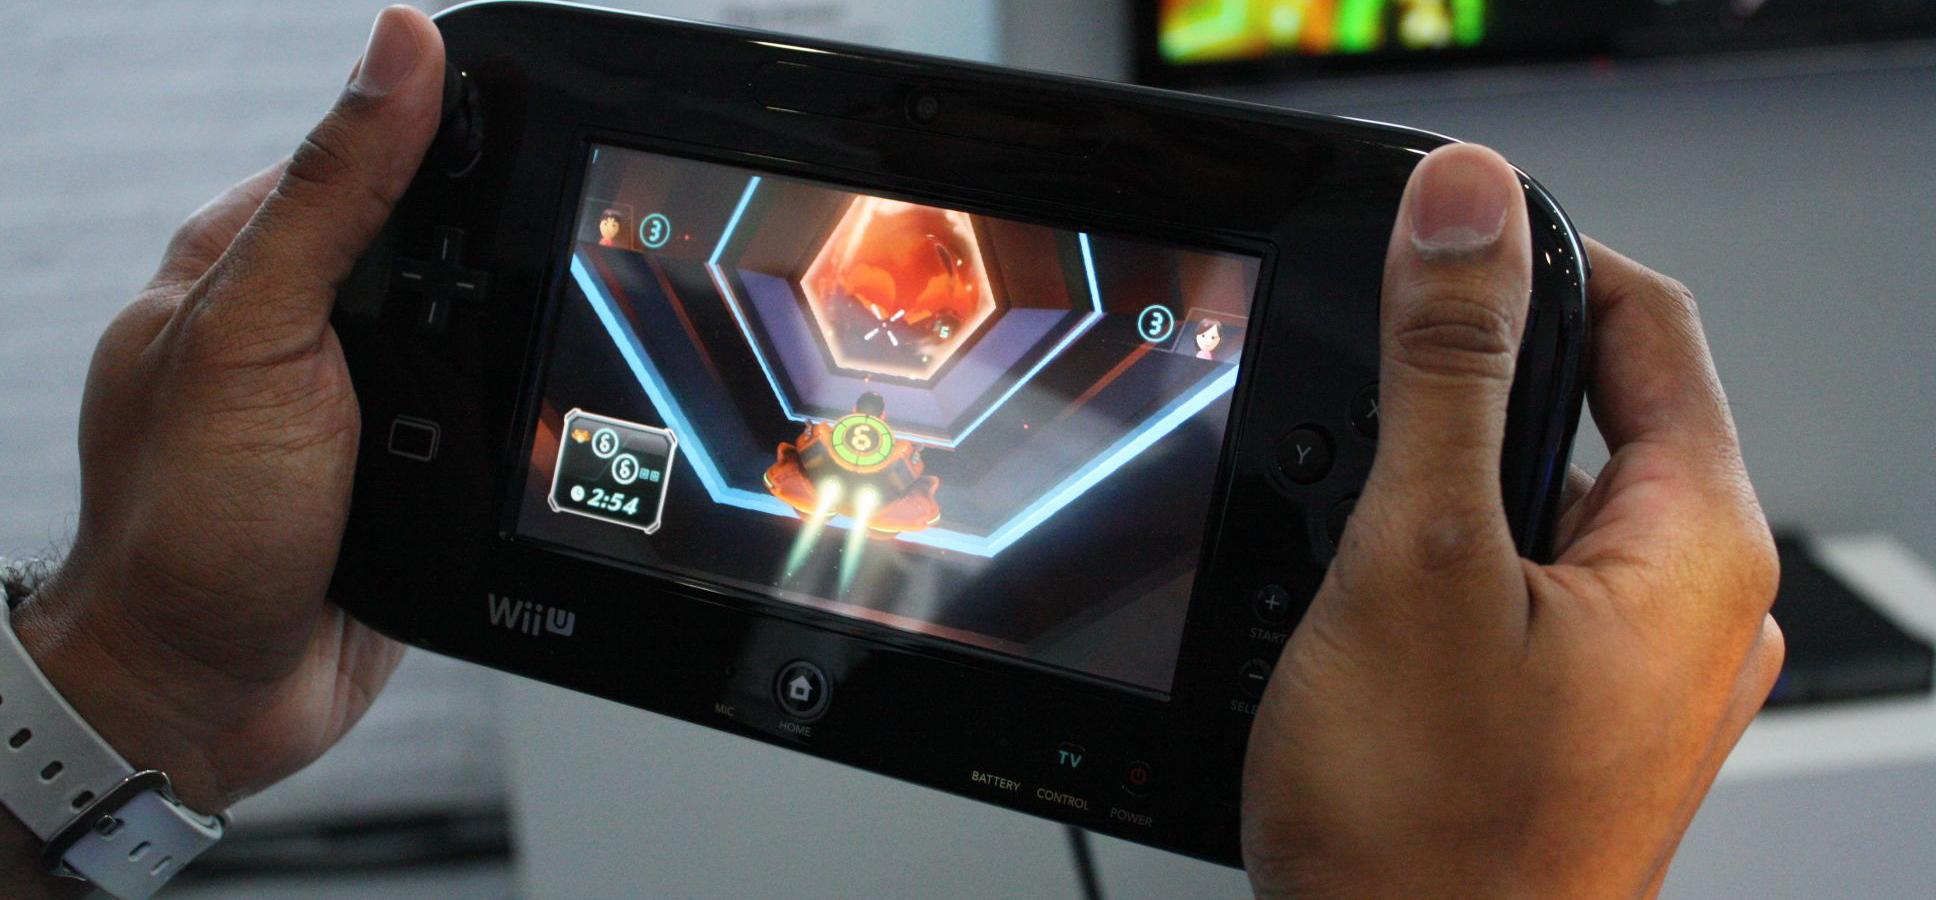 Хакеры перепрограммировали Wii U GamePad для потоковой передачи с ПК